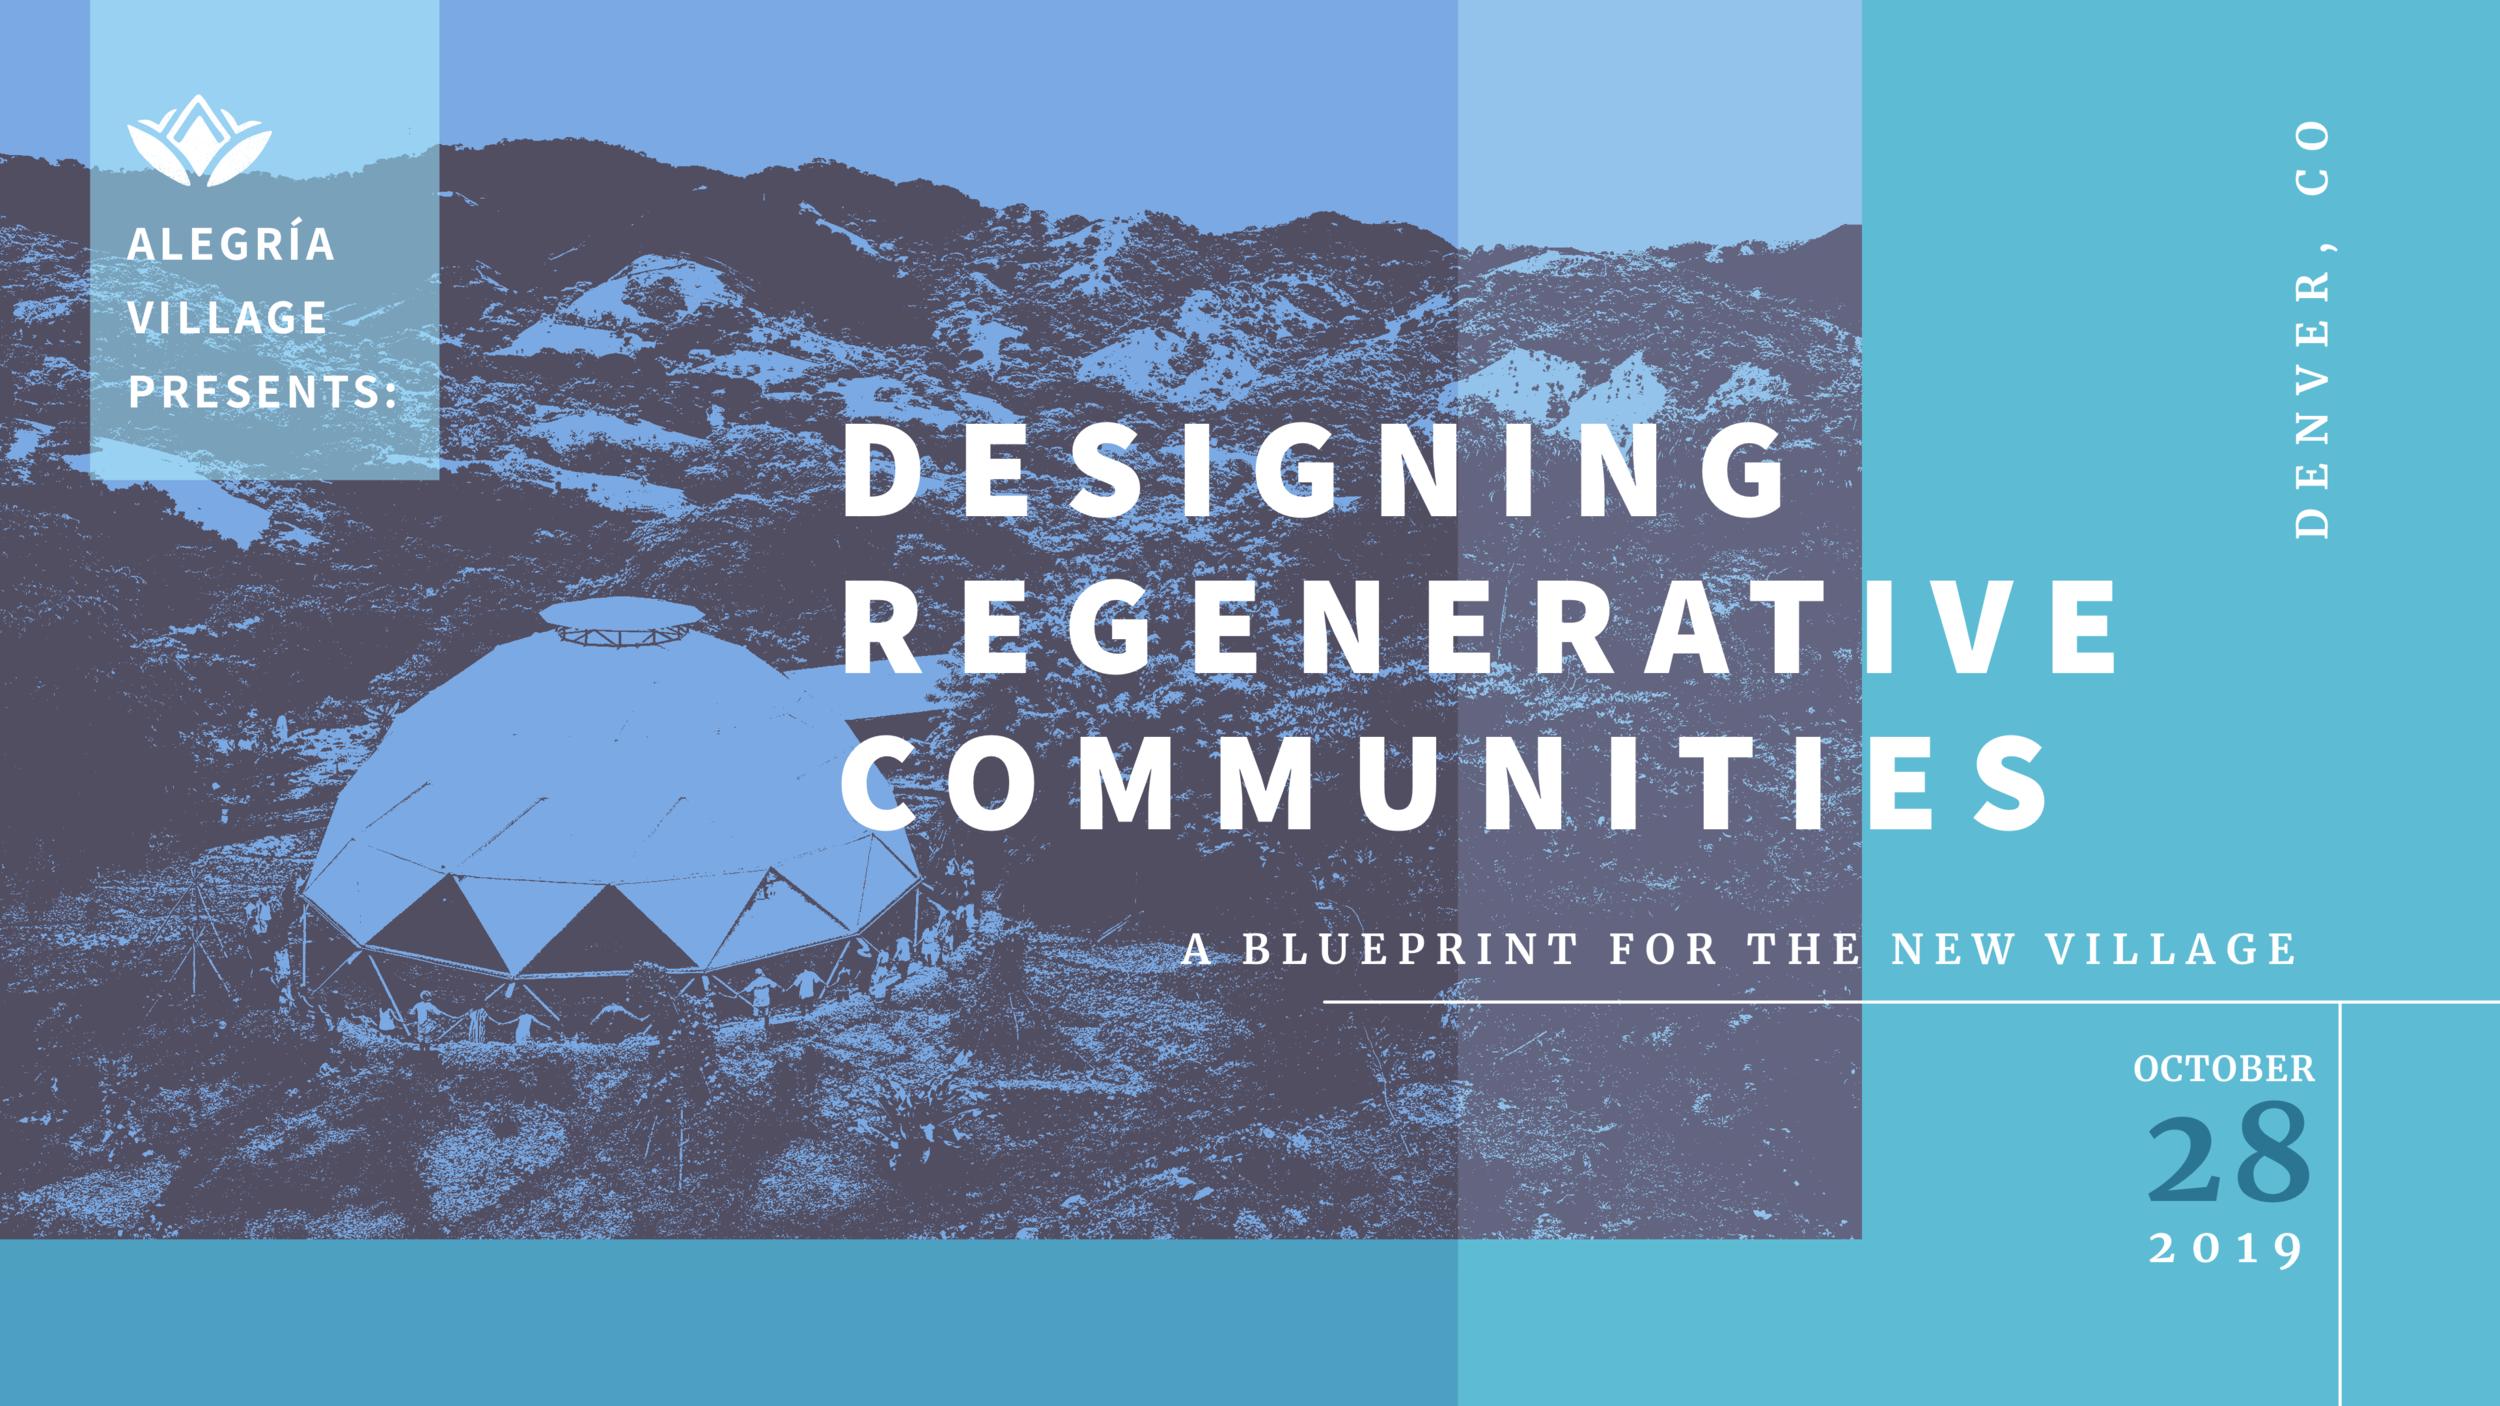 designing-regen-comm-denver-facebook.png